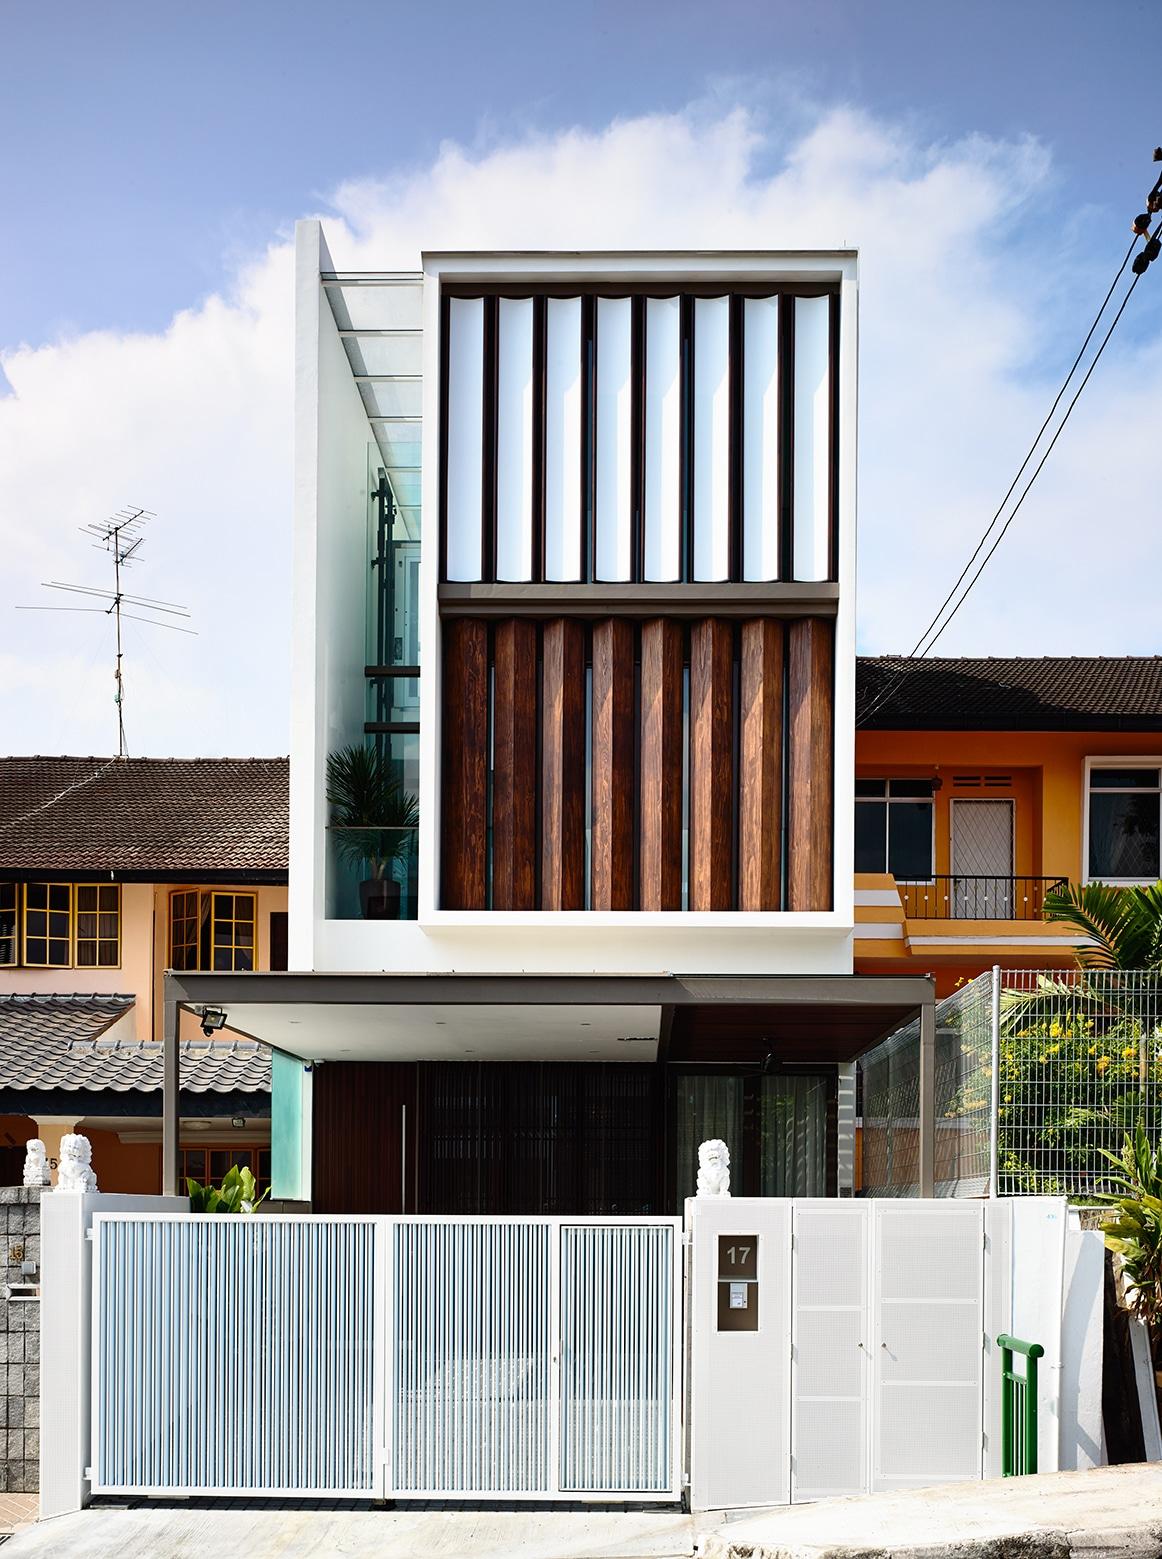 planos de casa angosta y larga tres pisos construye hogar On modelo de casa angosta y larga